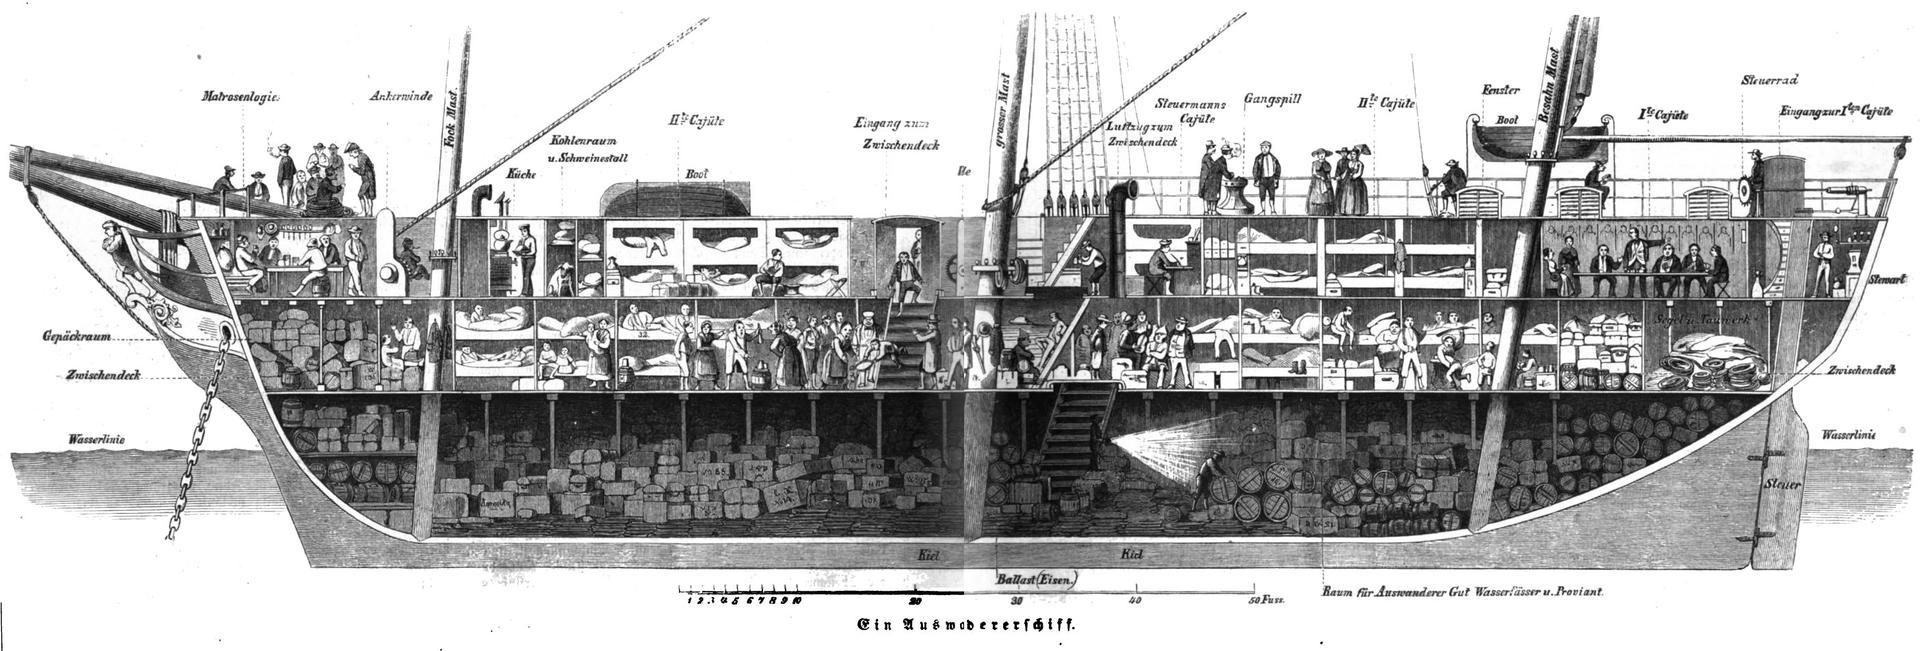 Auswandererschiff, in: Die Gartenlaube, 1854